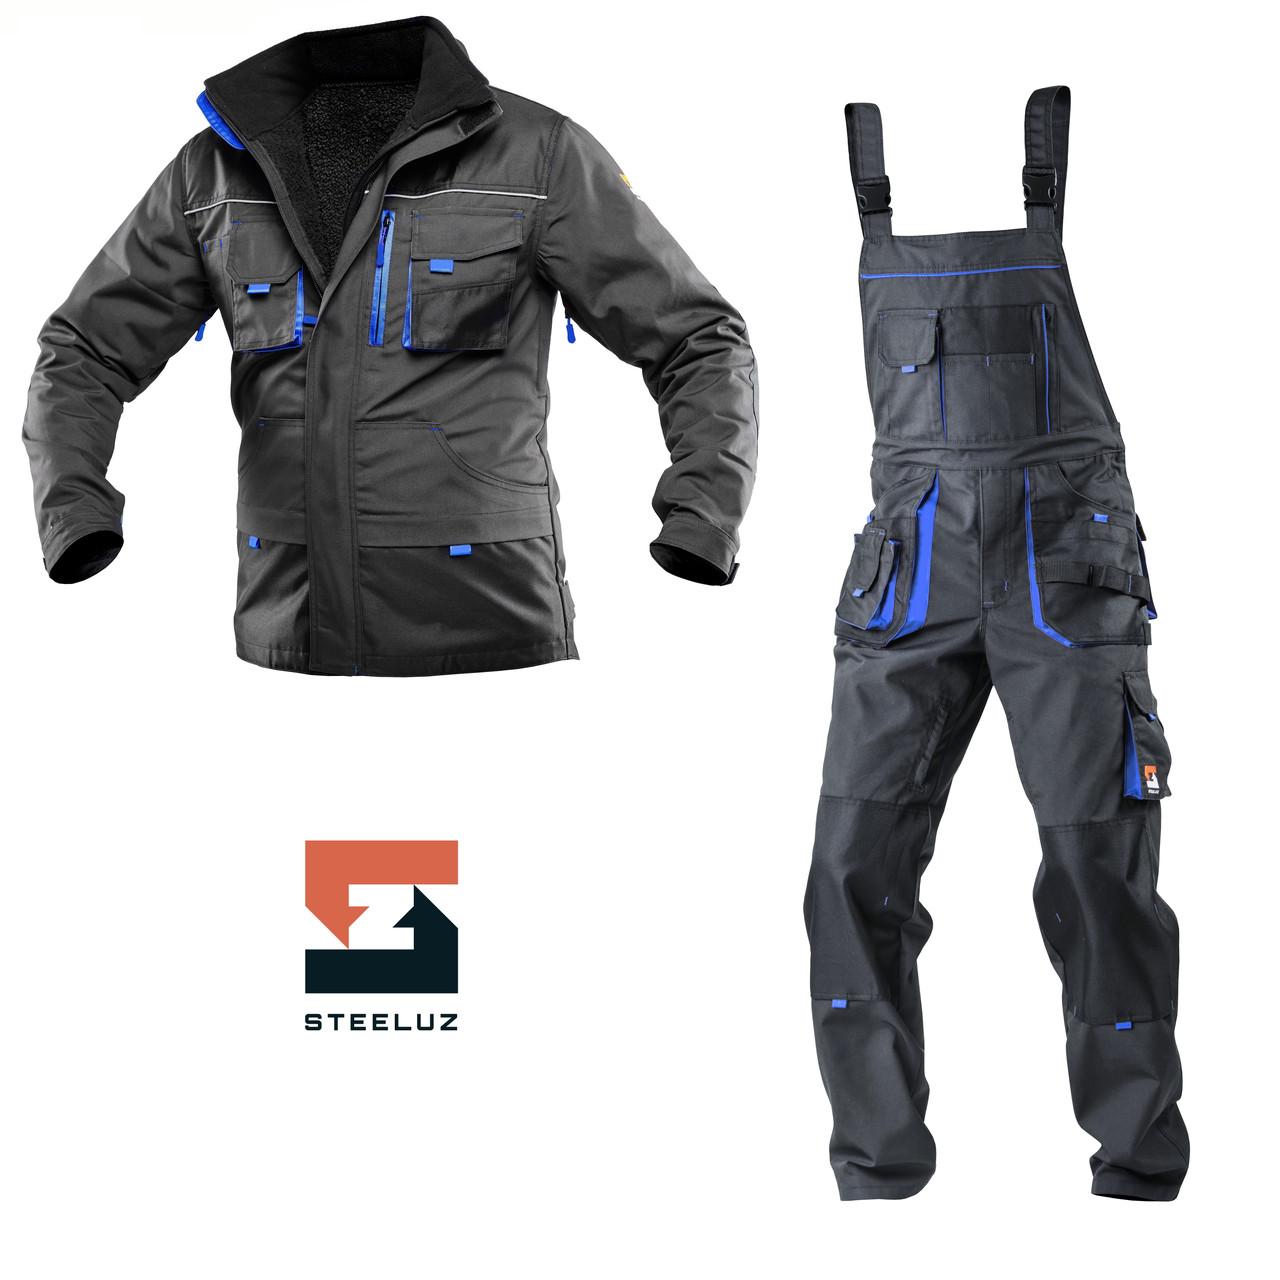 Костюм робочий захисний утеплений SteelUZ 4S BLUE (Куртка+Напівкомбінезон) зріст 170 см